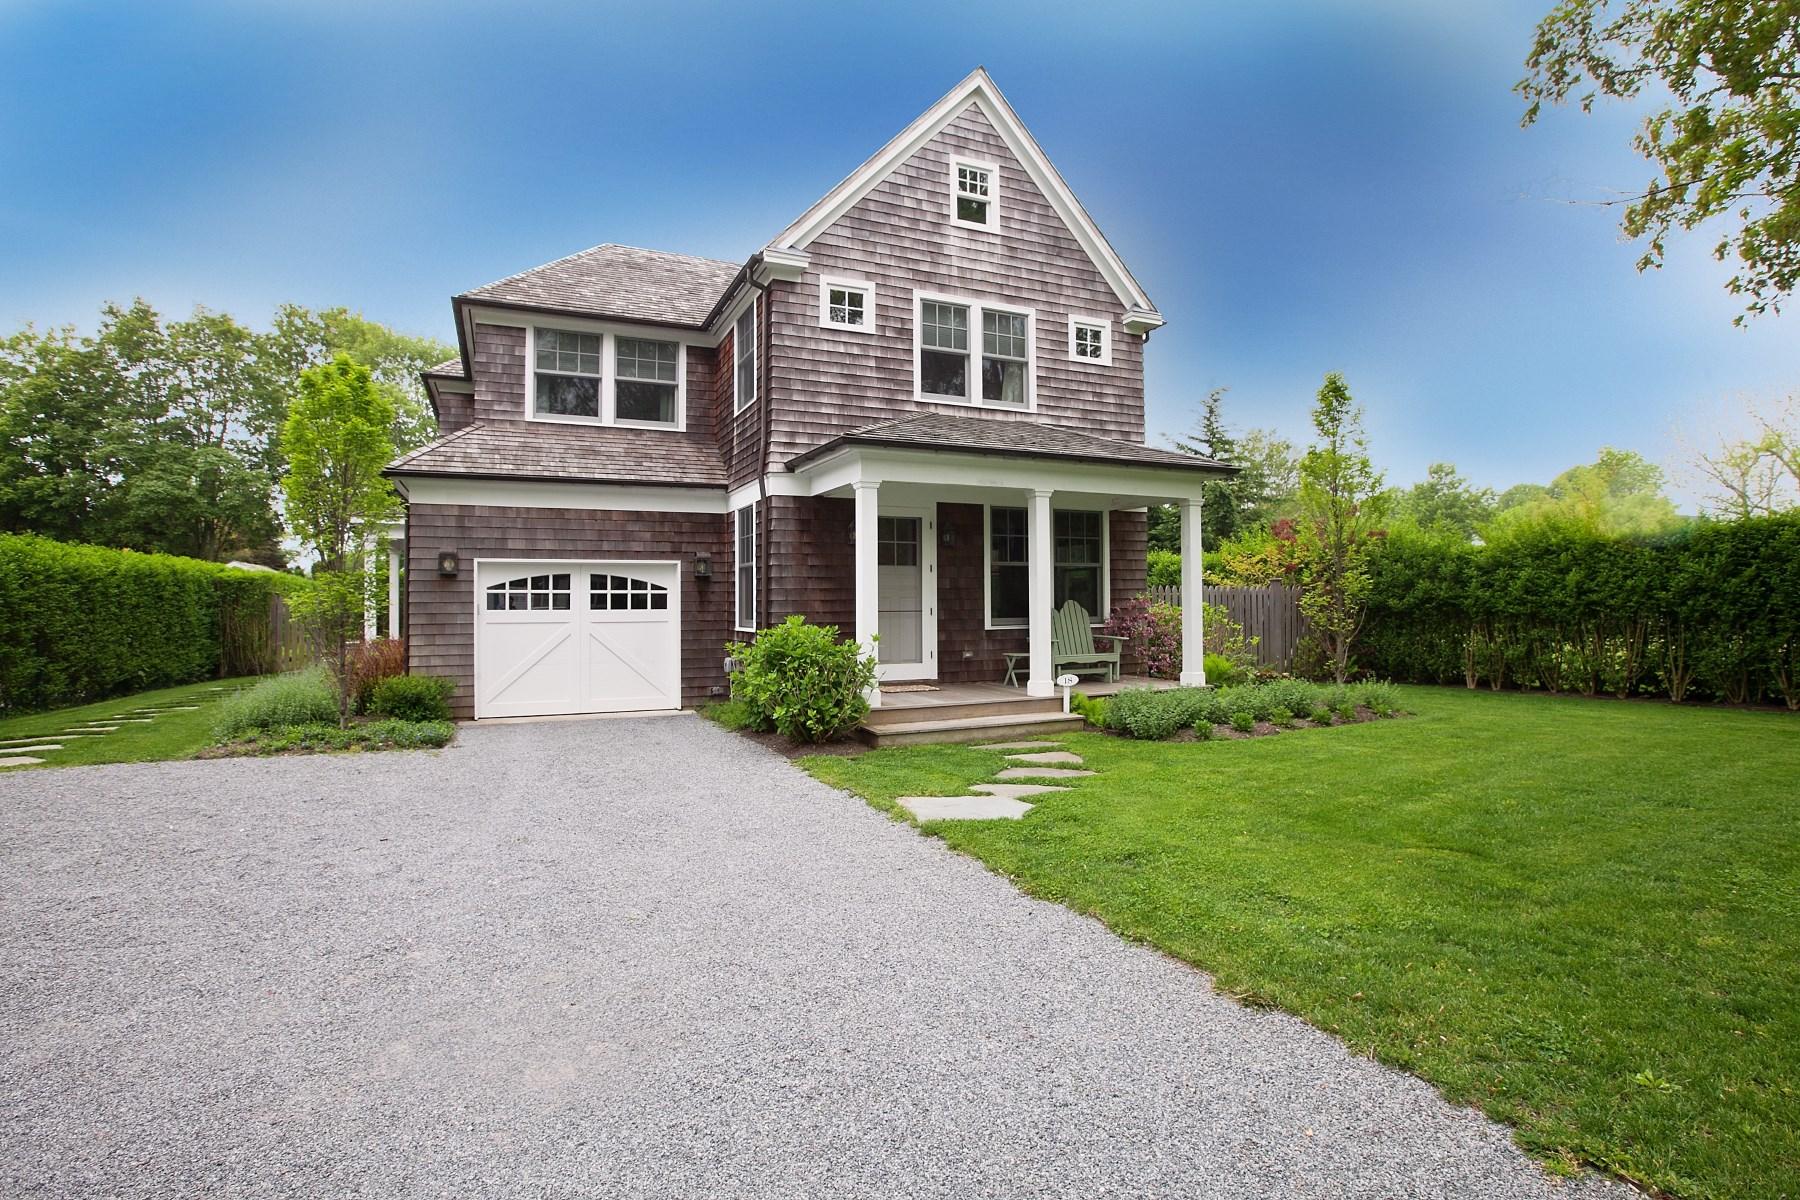 Single Family Home for Sale at Amagansett Lanes Amagansett, New York 11930 United States